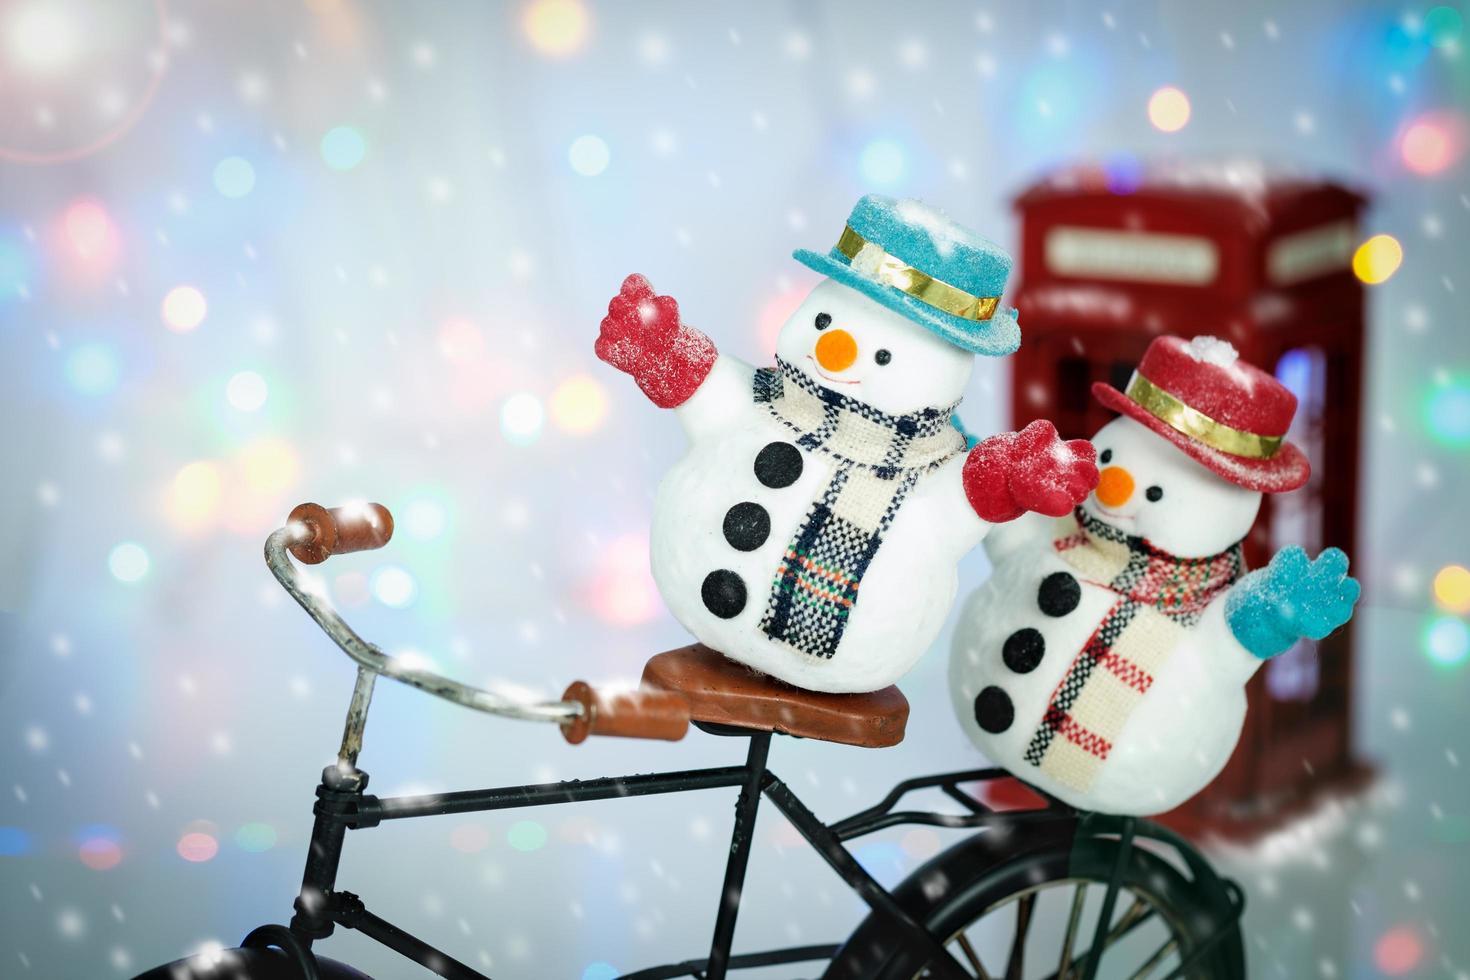 muñecos de nieve en bicicleta foto